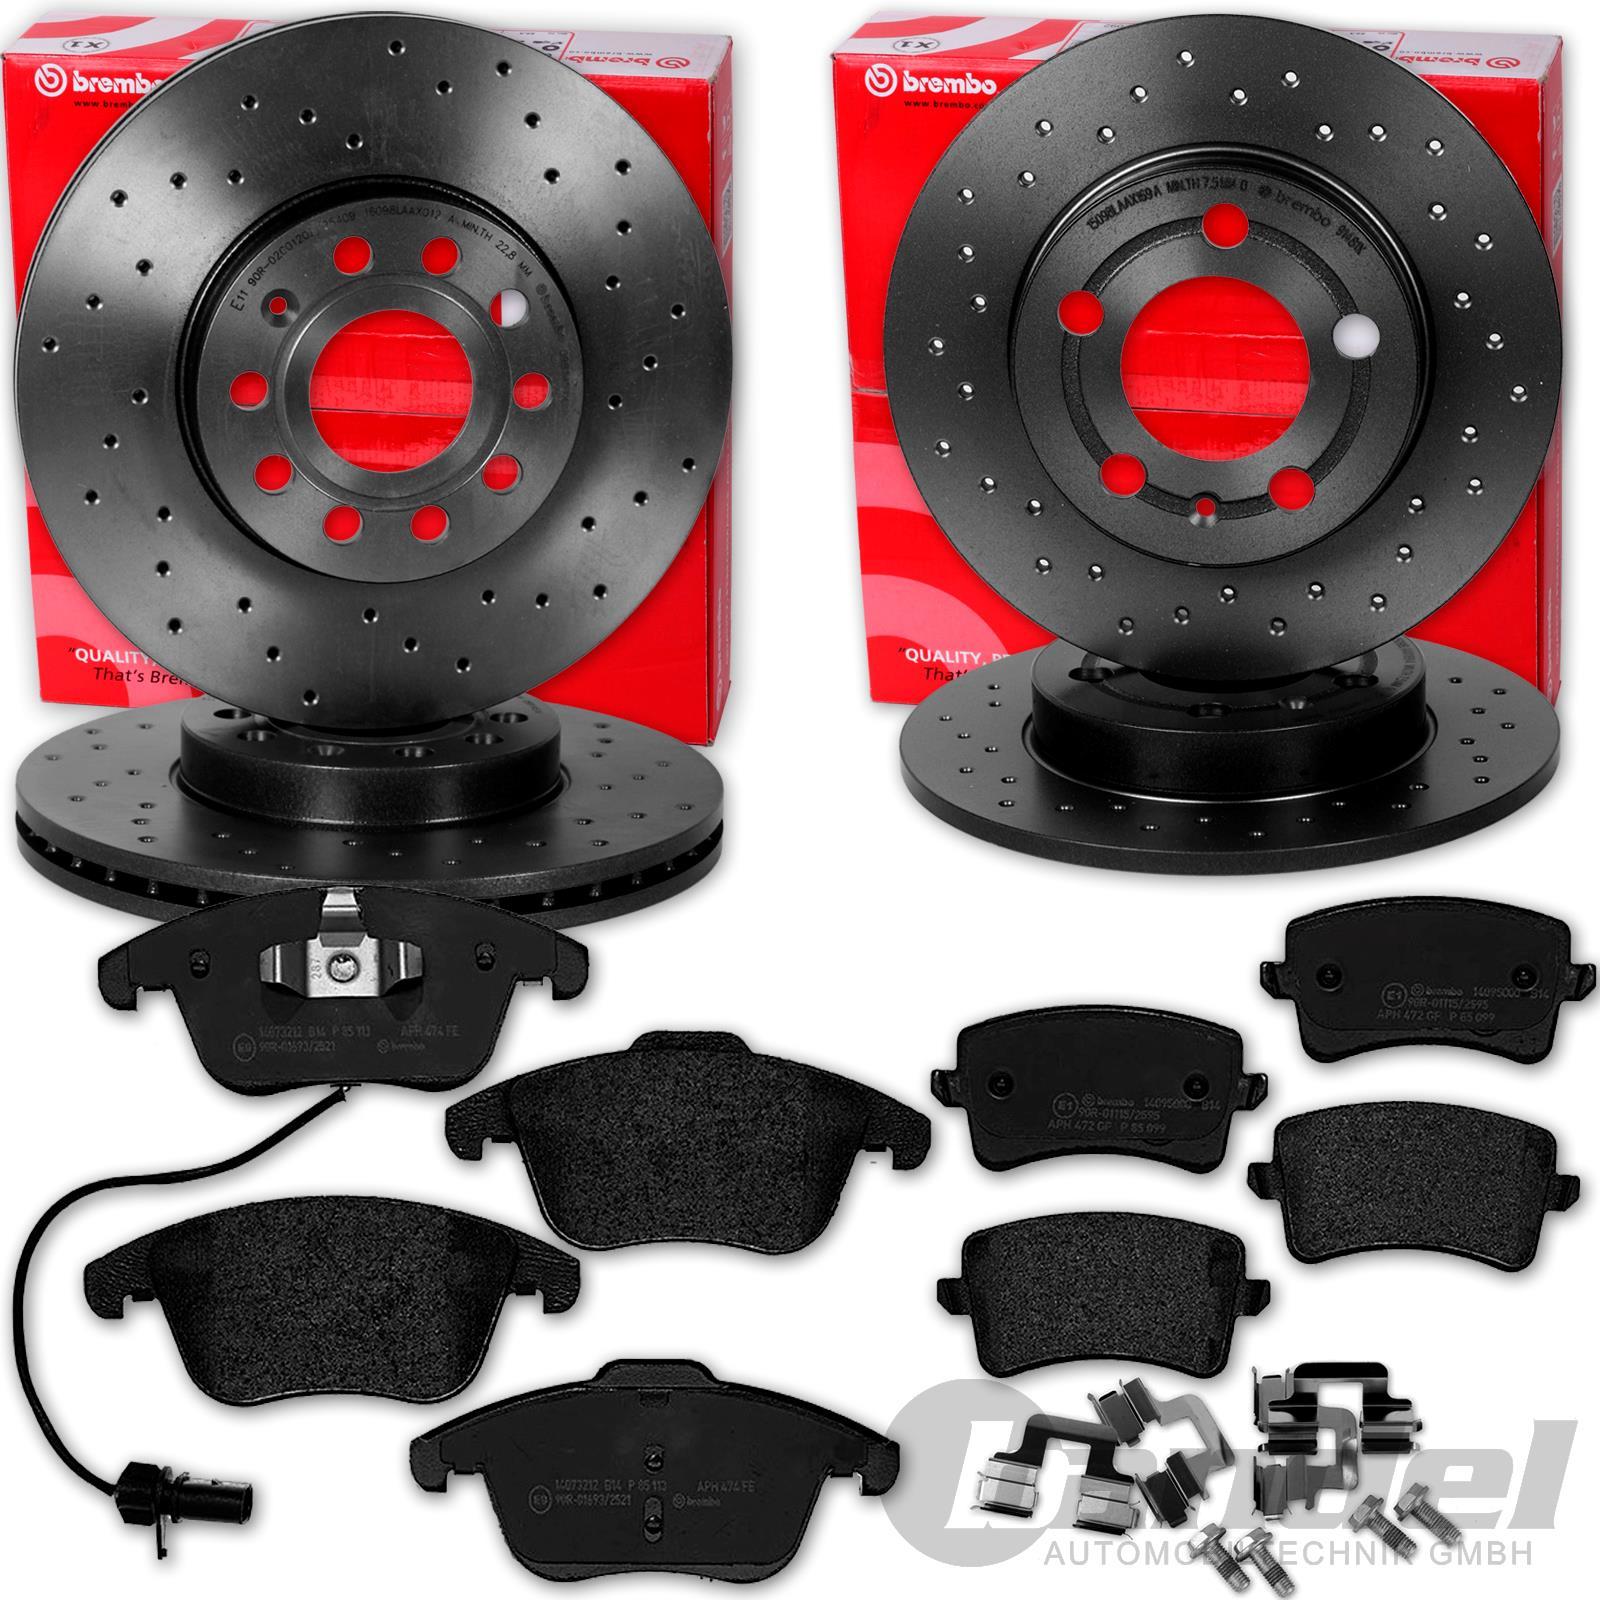 Bremsbeläge hinten Audi Q5 8RB A4 B8 A5 8F Brembo Sport Bremsscheiben Ø330mm